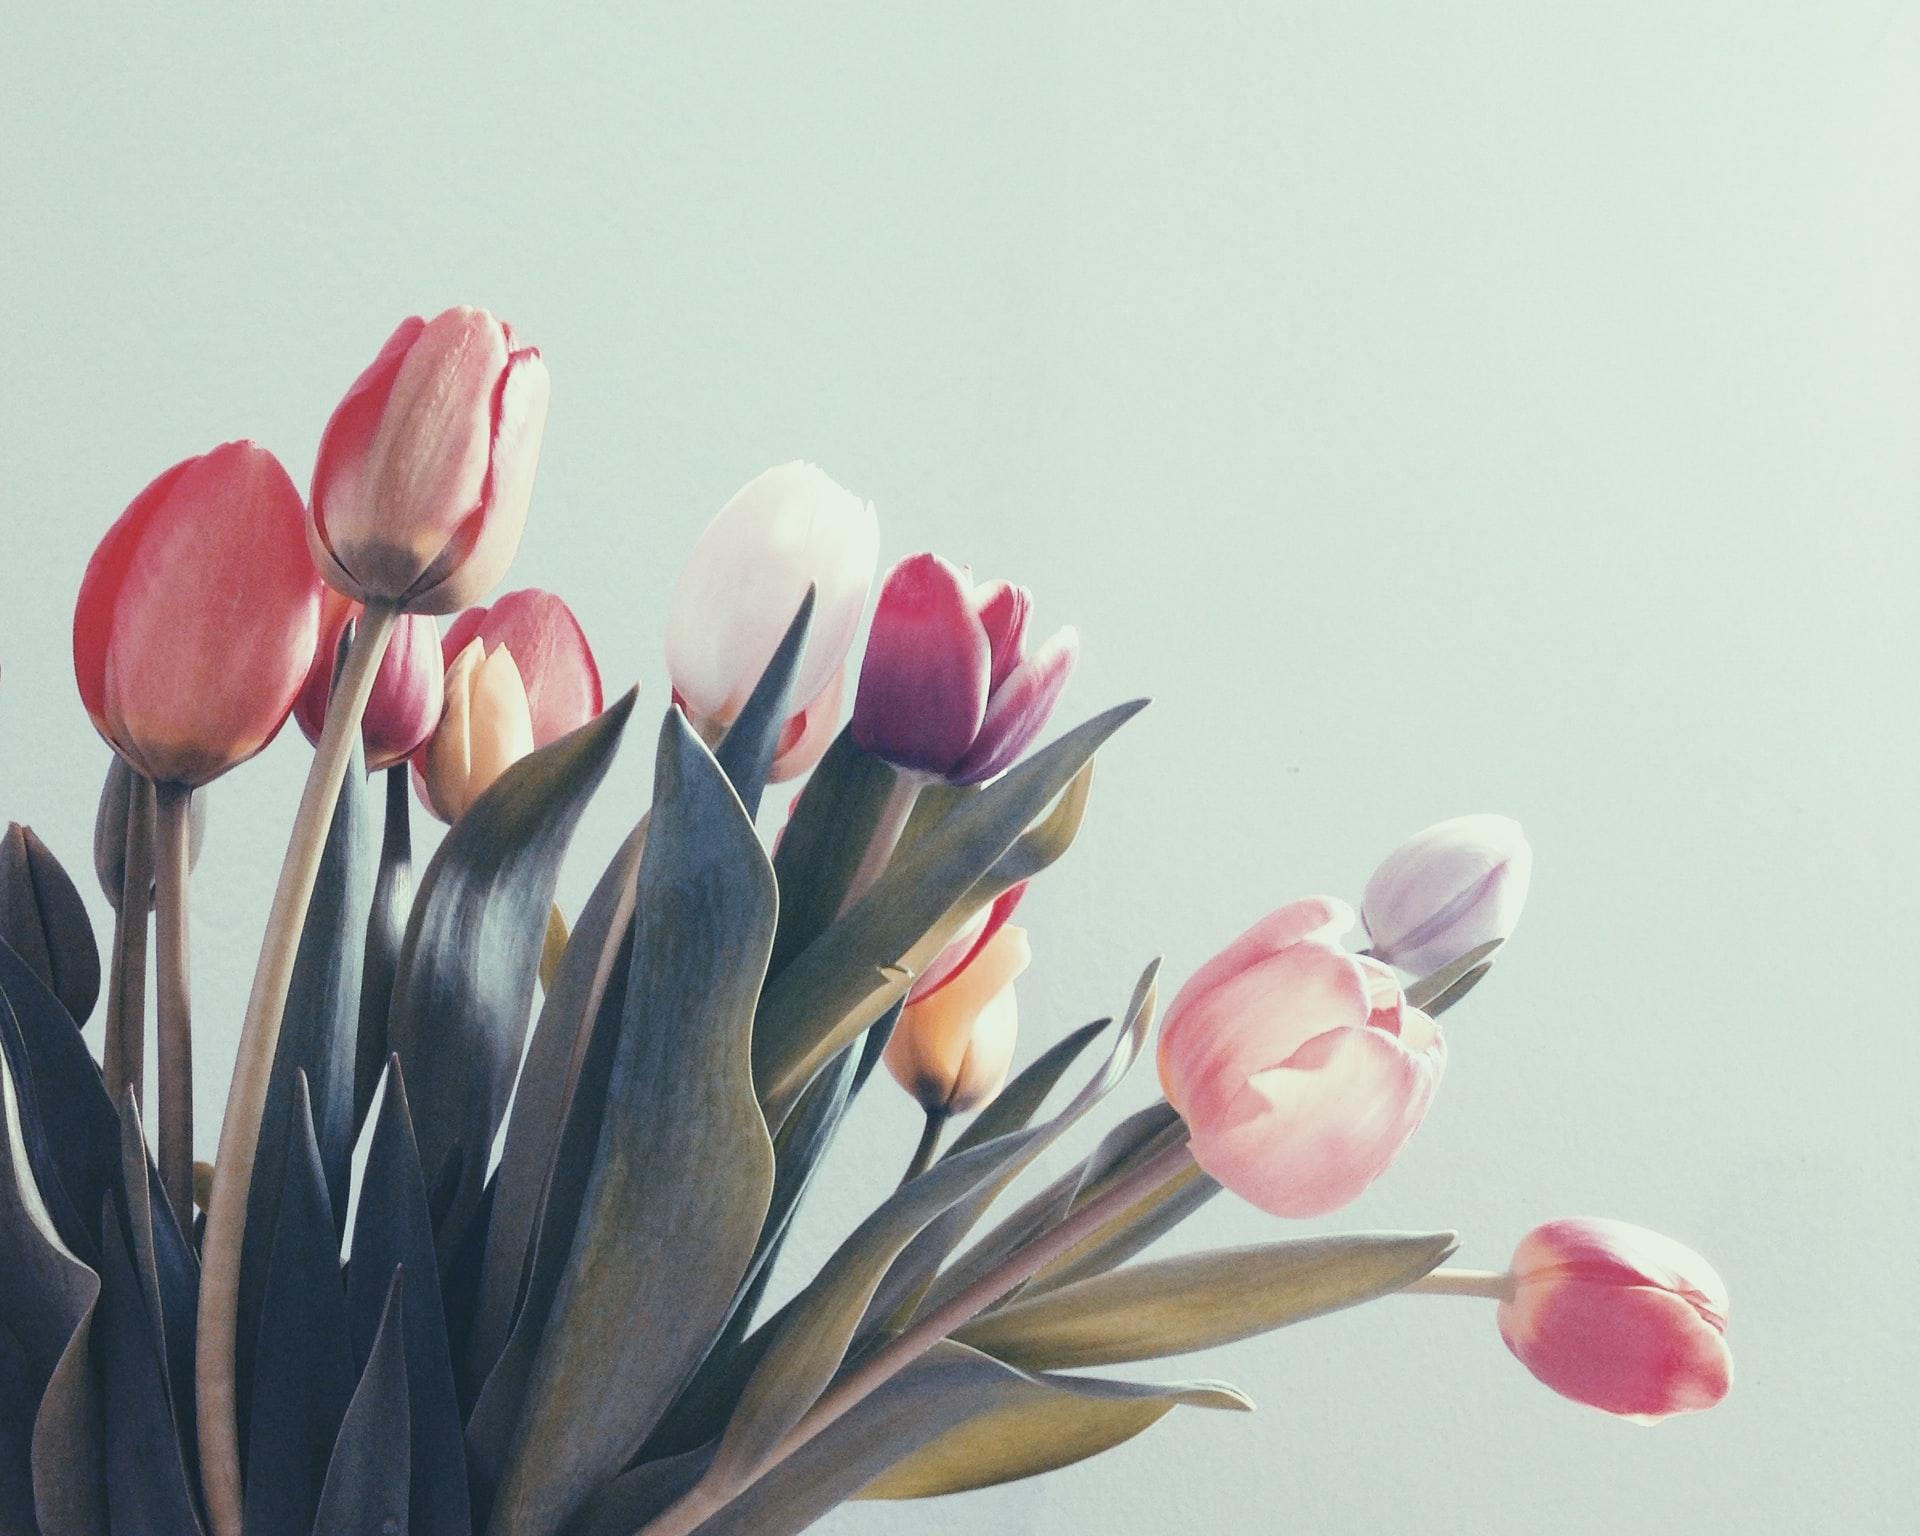 fiori, tulipani bianchi e rosa